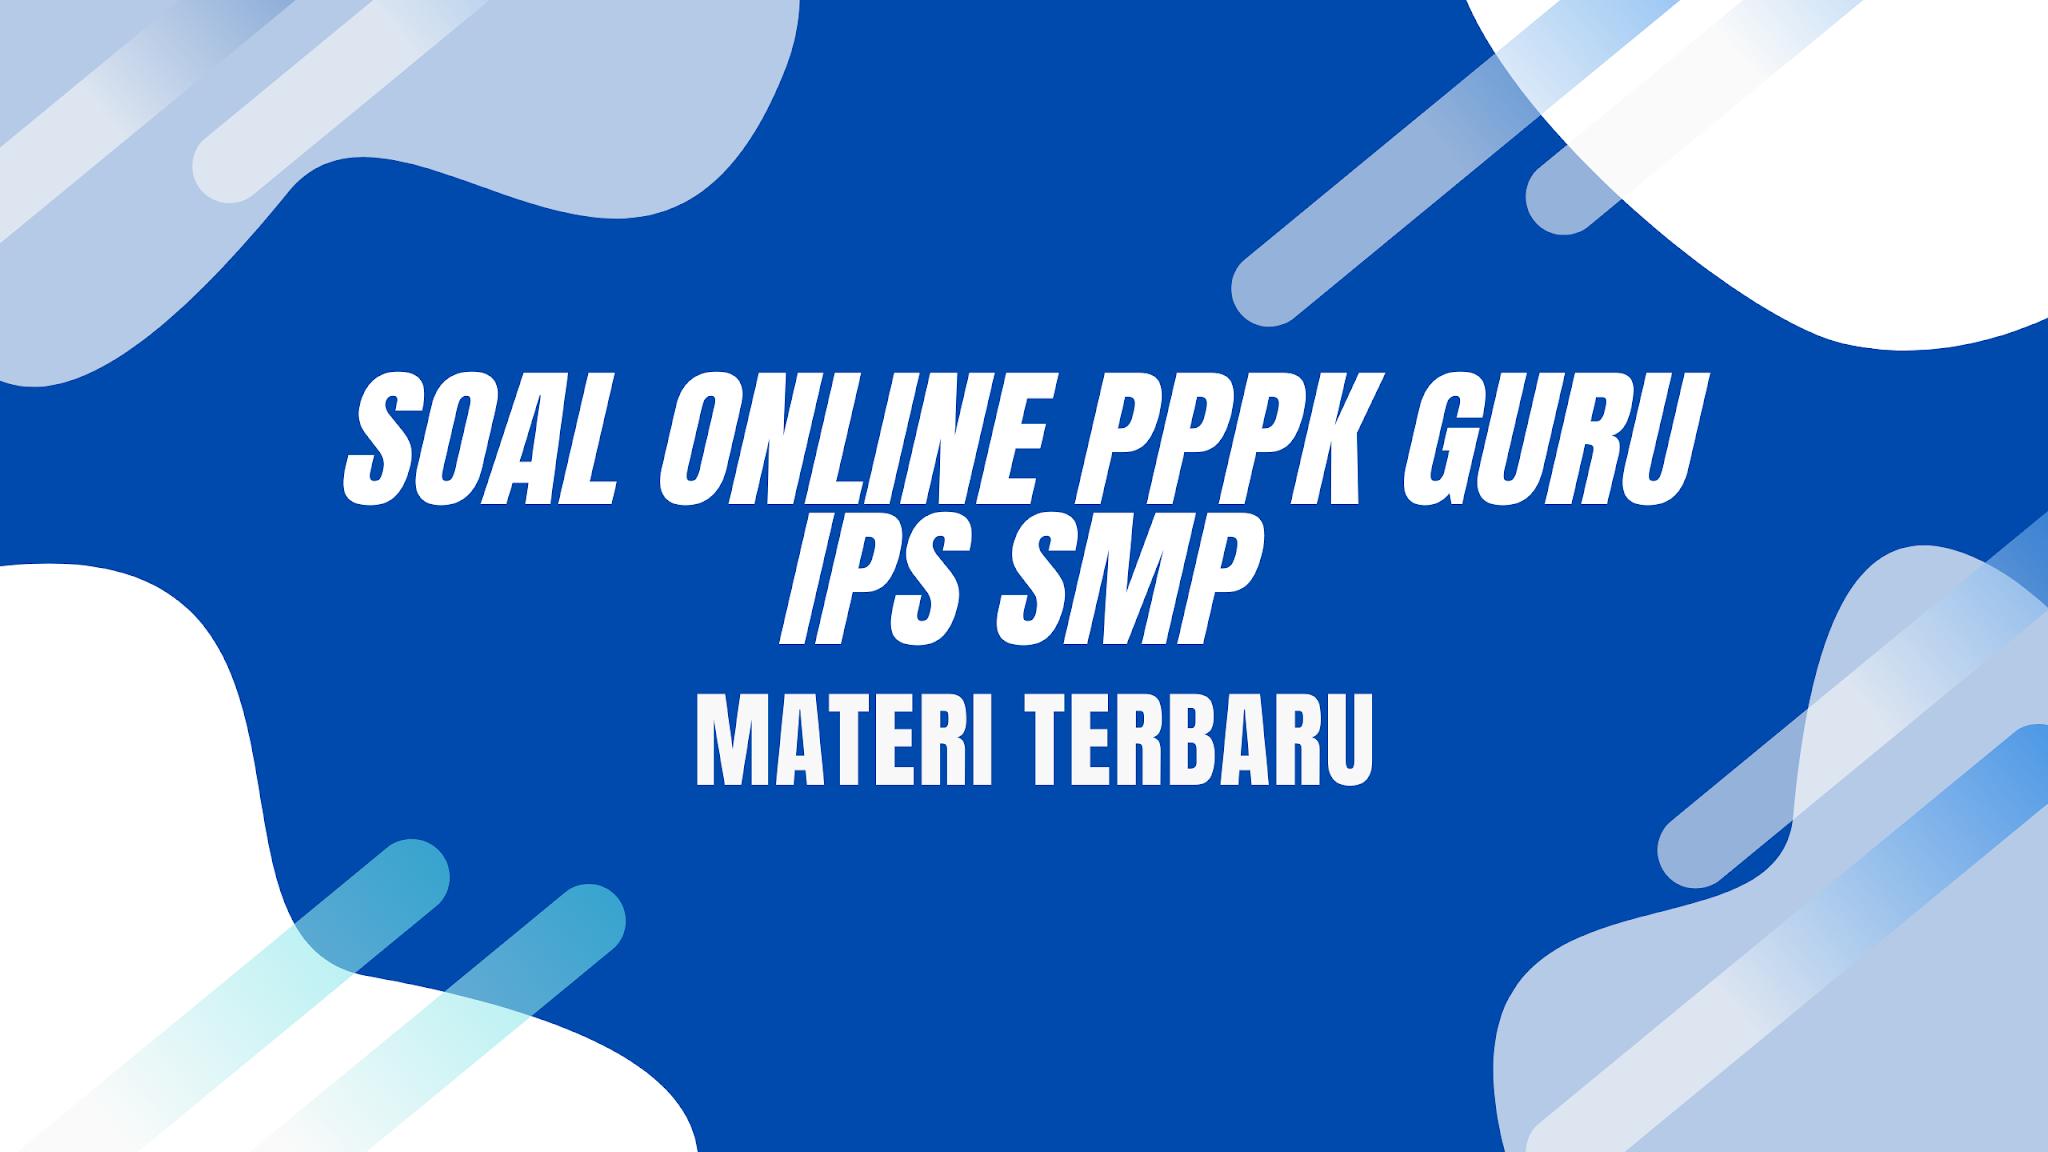 gambar SOAL ONLINE PPPK GURU IPS SMP